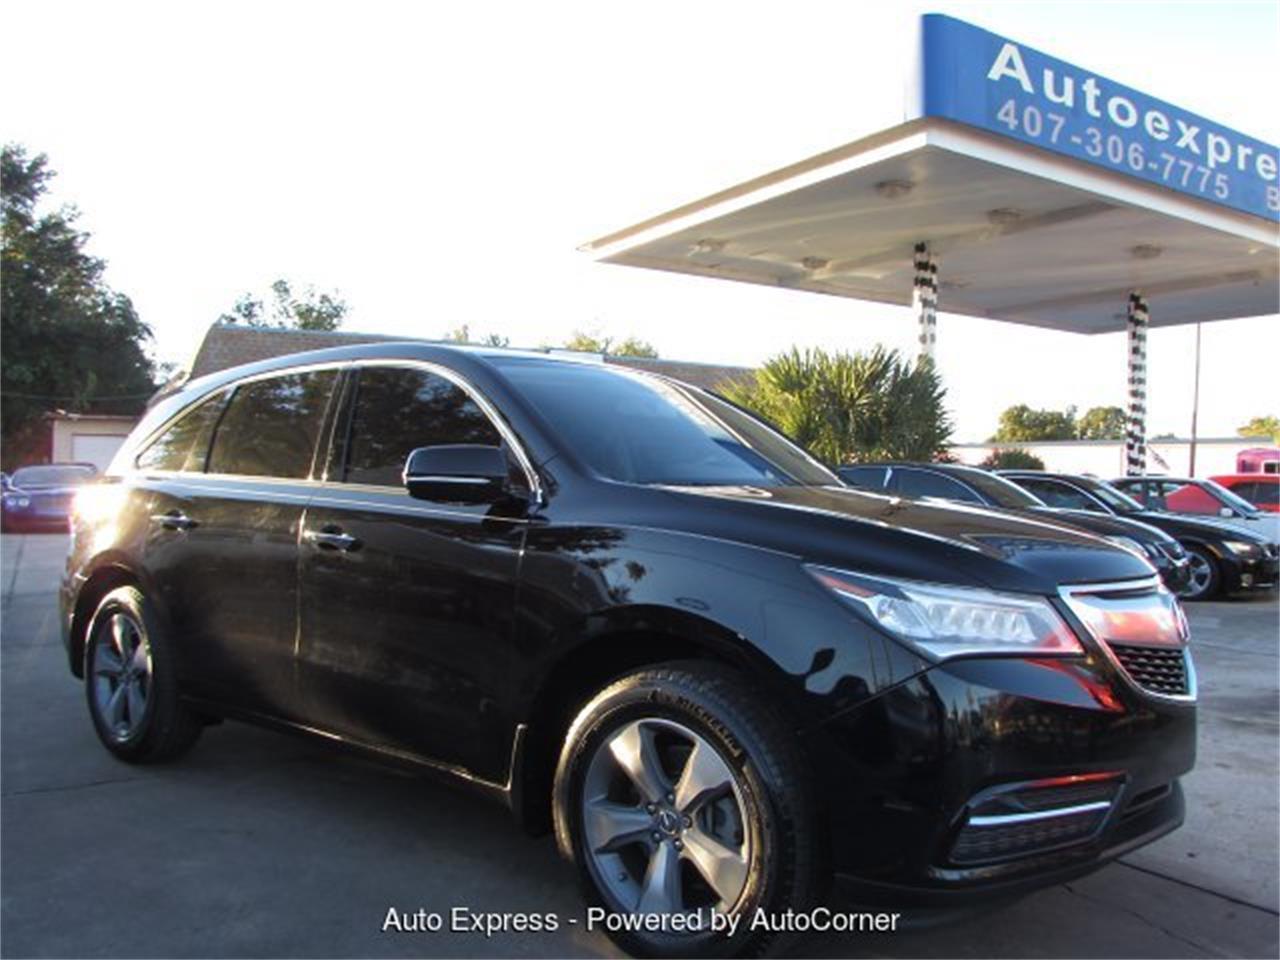 2014 Acura Mdx For Sale >> For Sale 2014 Acura Mdx In Orlando Florida